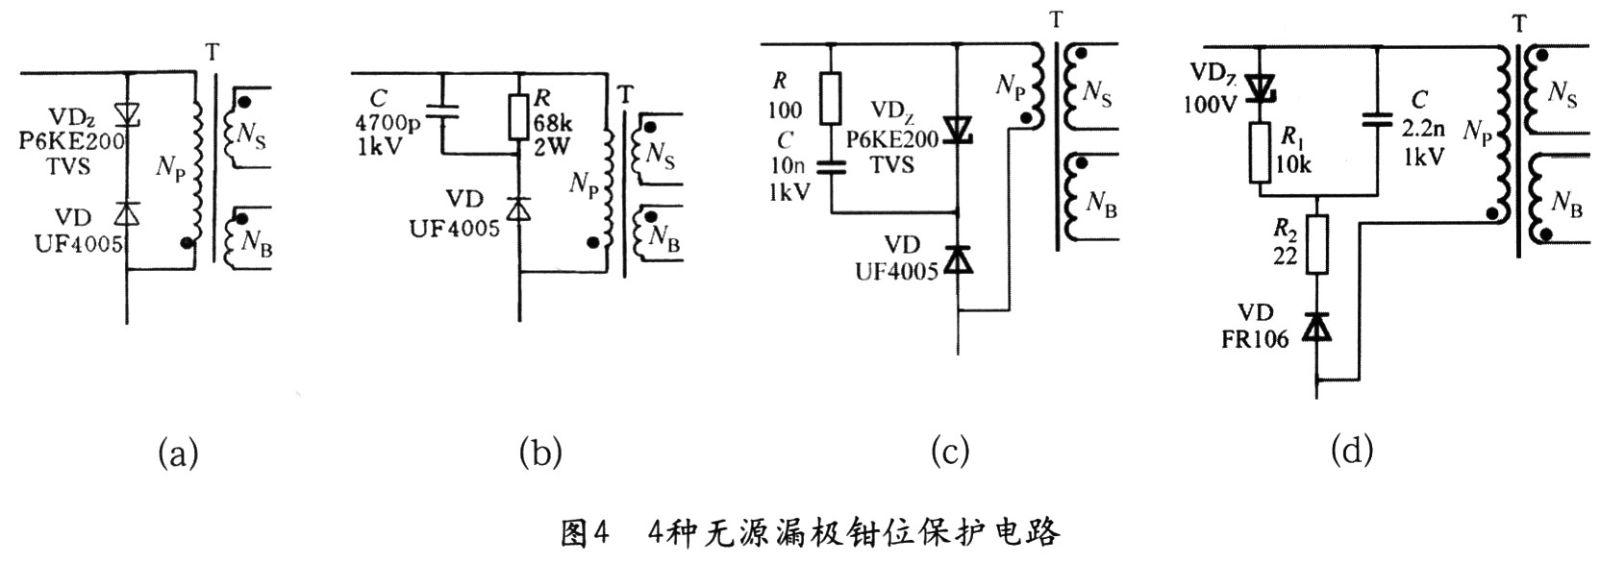 输入整流滤波器及钳位保护电路的设计